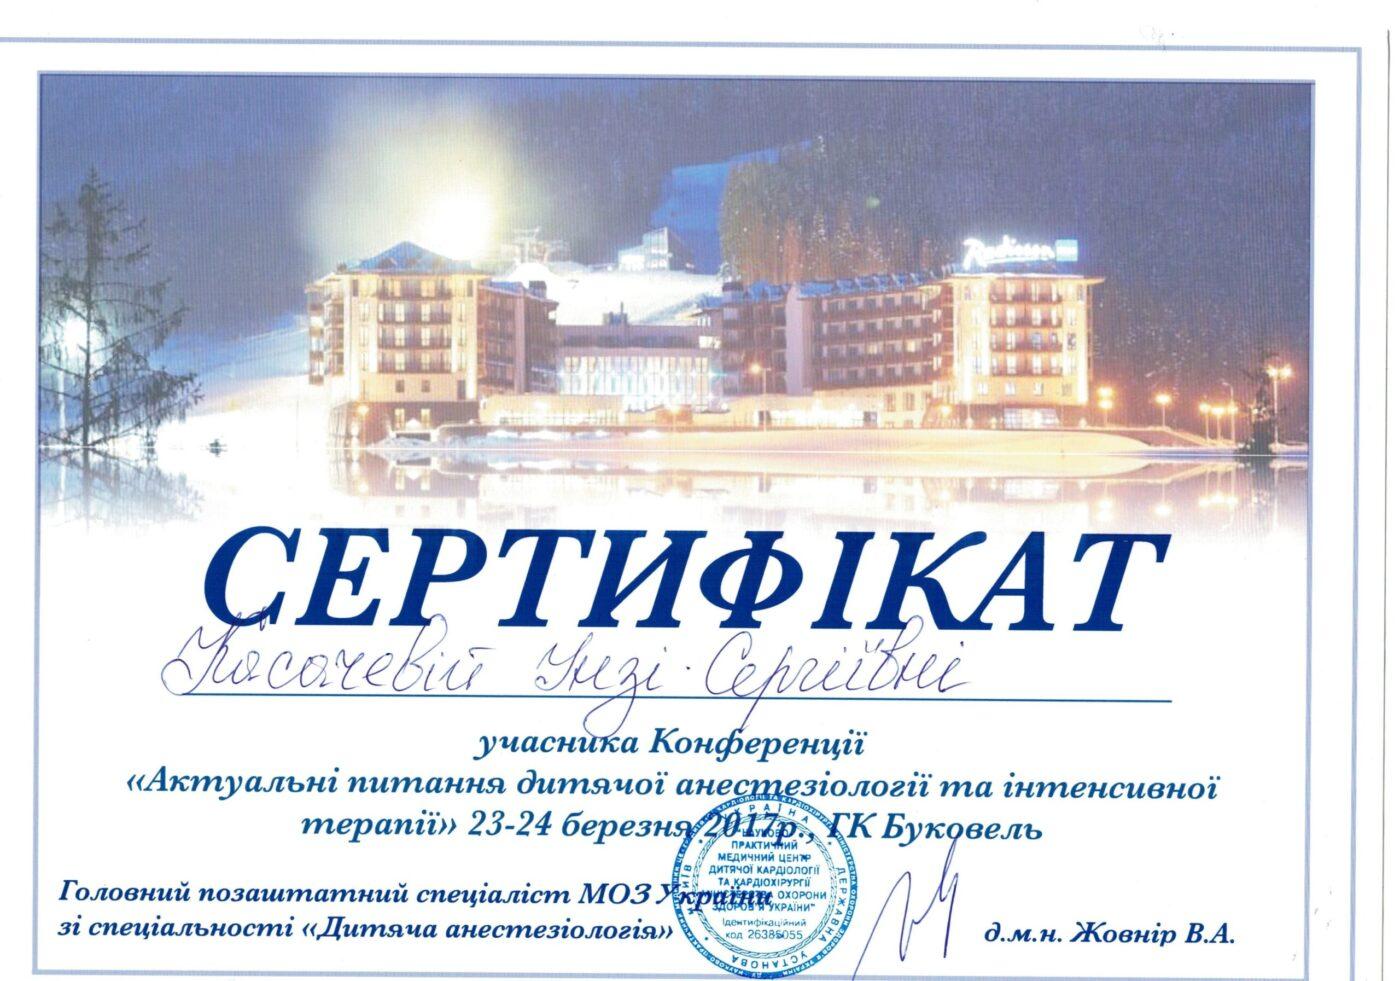 Сертификат подтверждающий участие Косачевой Инги в конференции - Актуальные вопросы детской анестезиологии